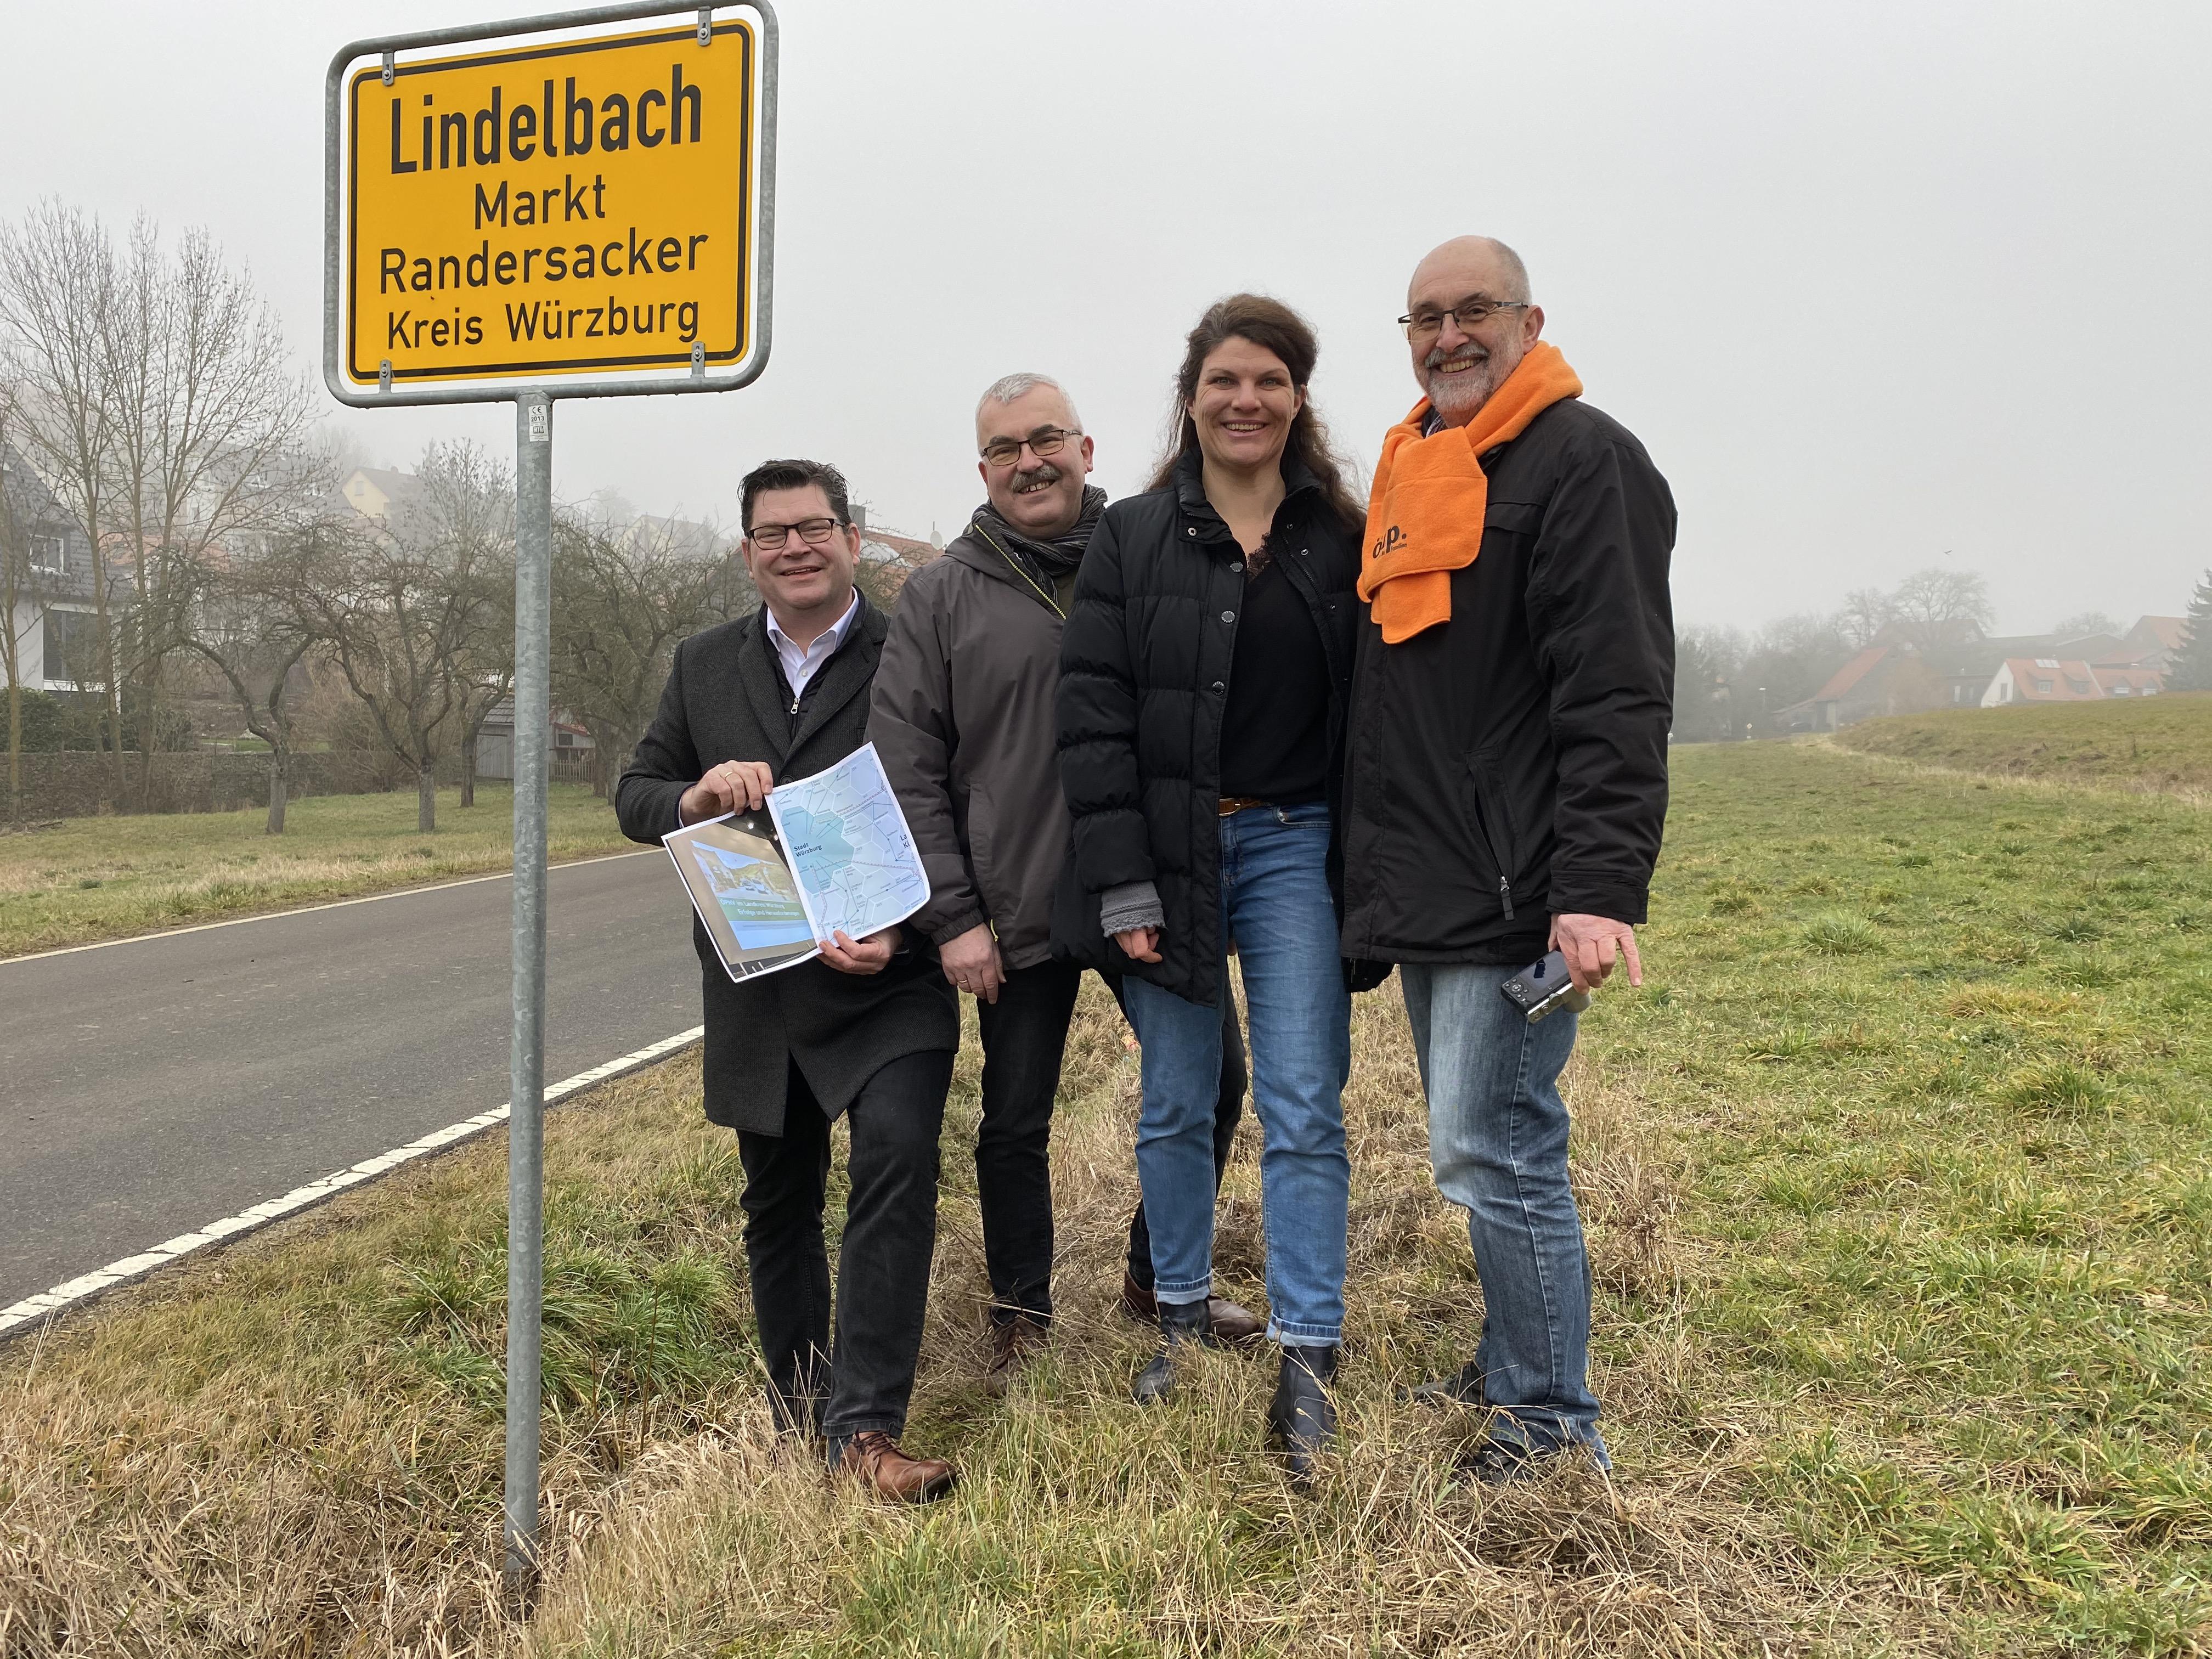 Wir sind Randersacker und Lindelbach